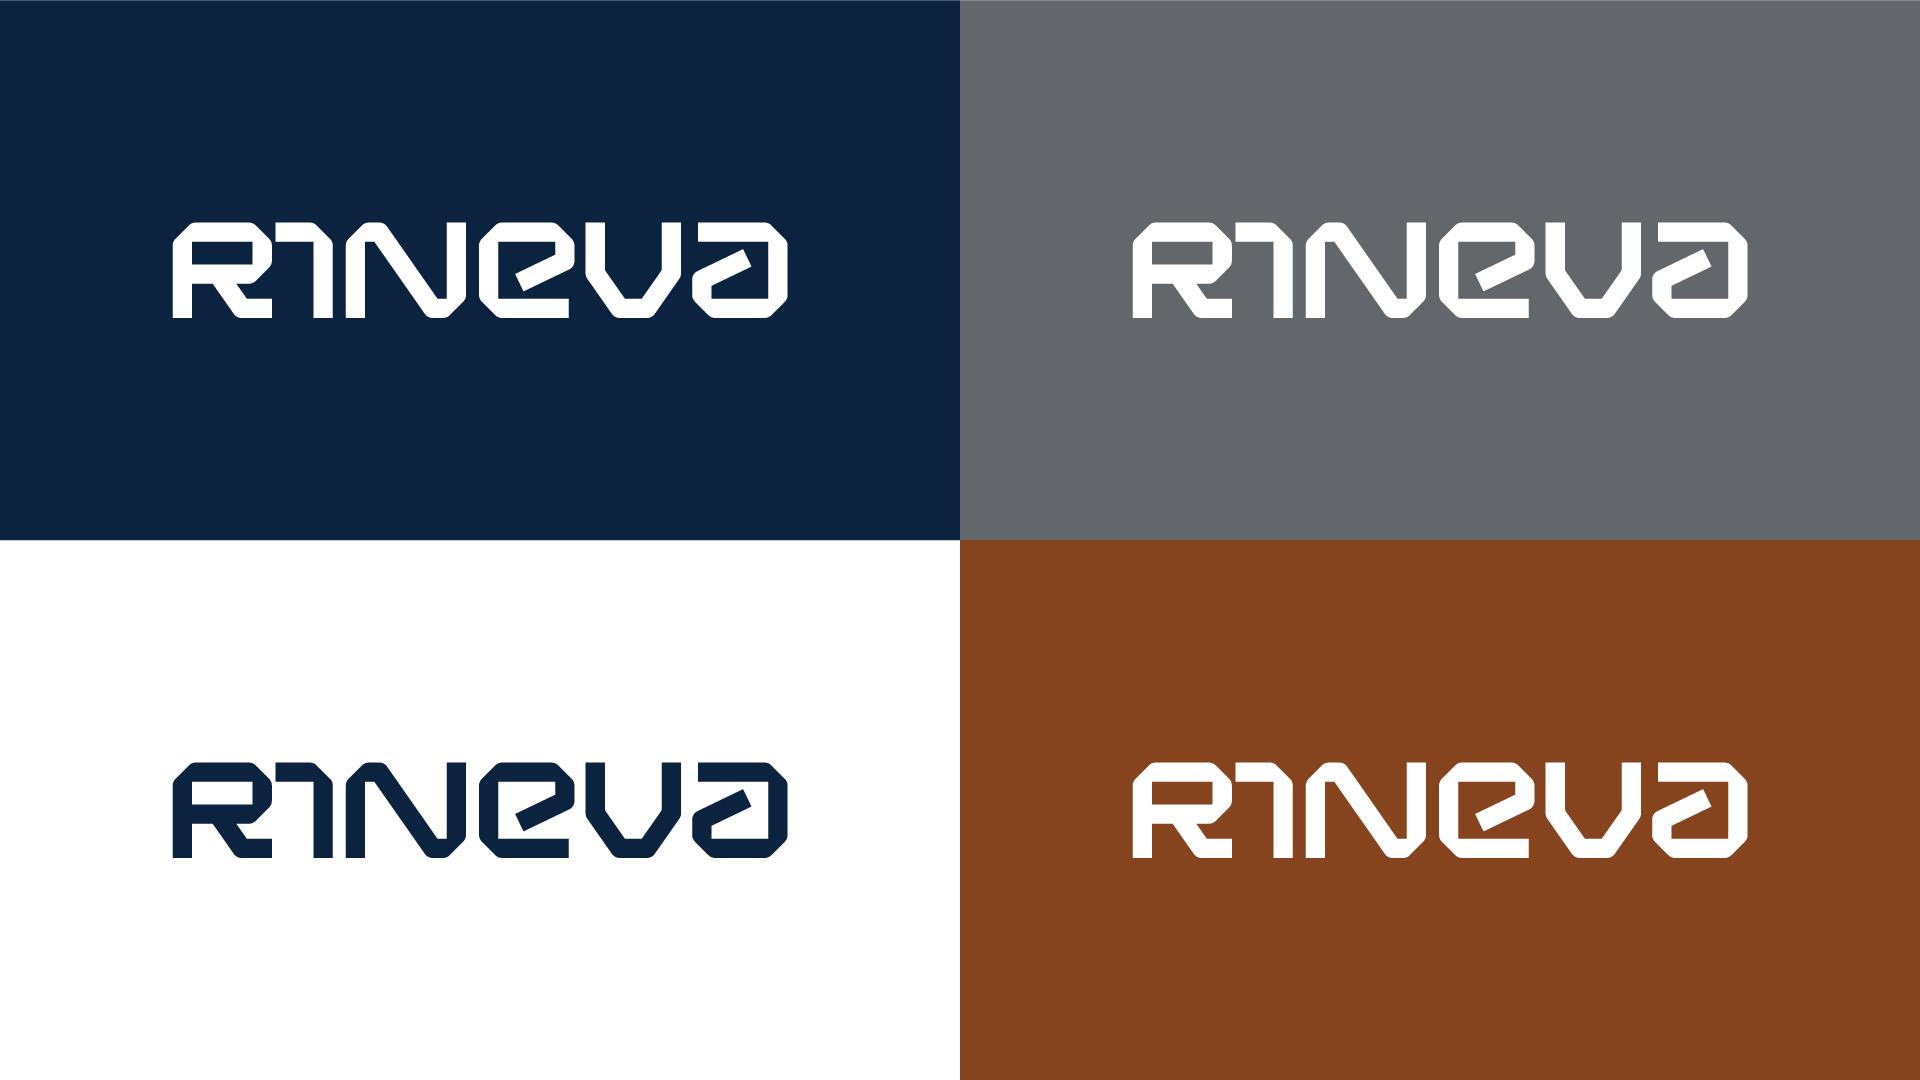 rineva_logotipo_03.png